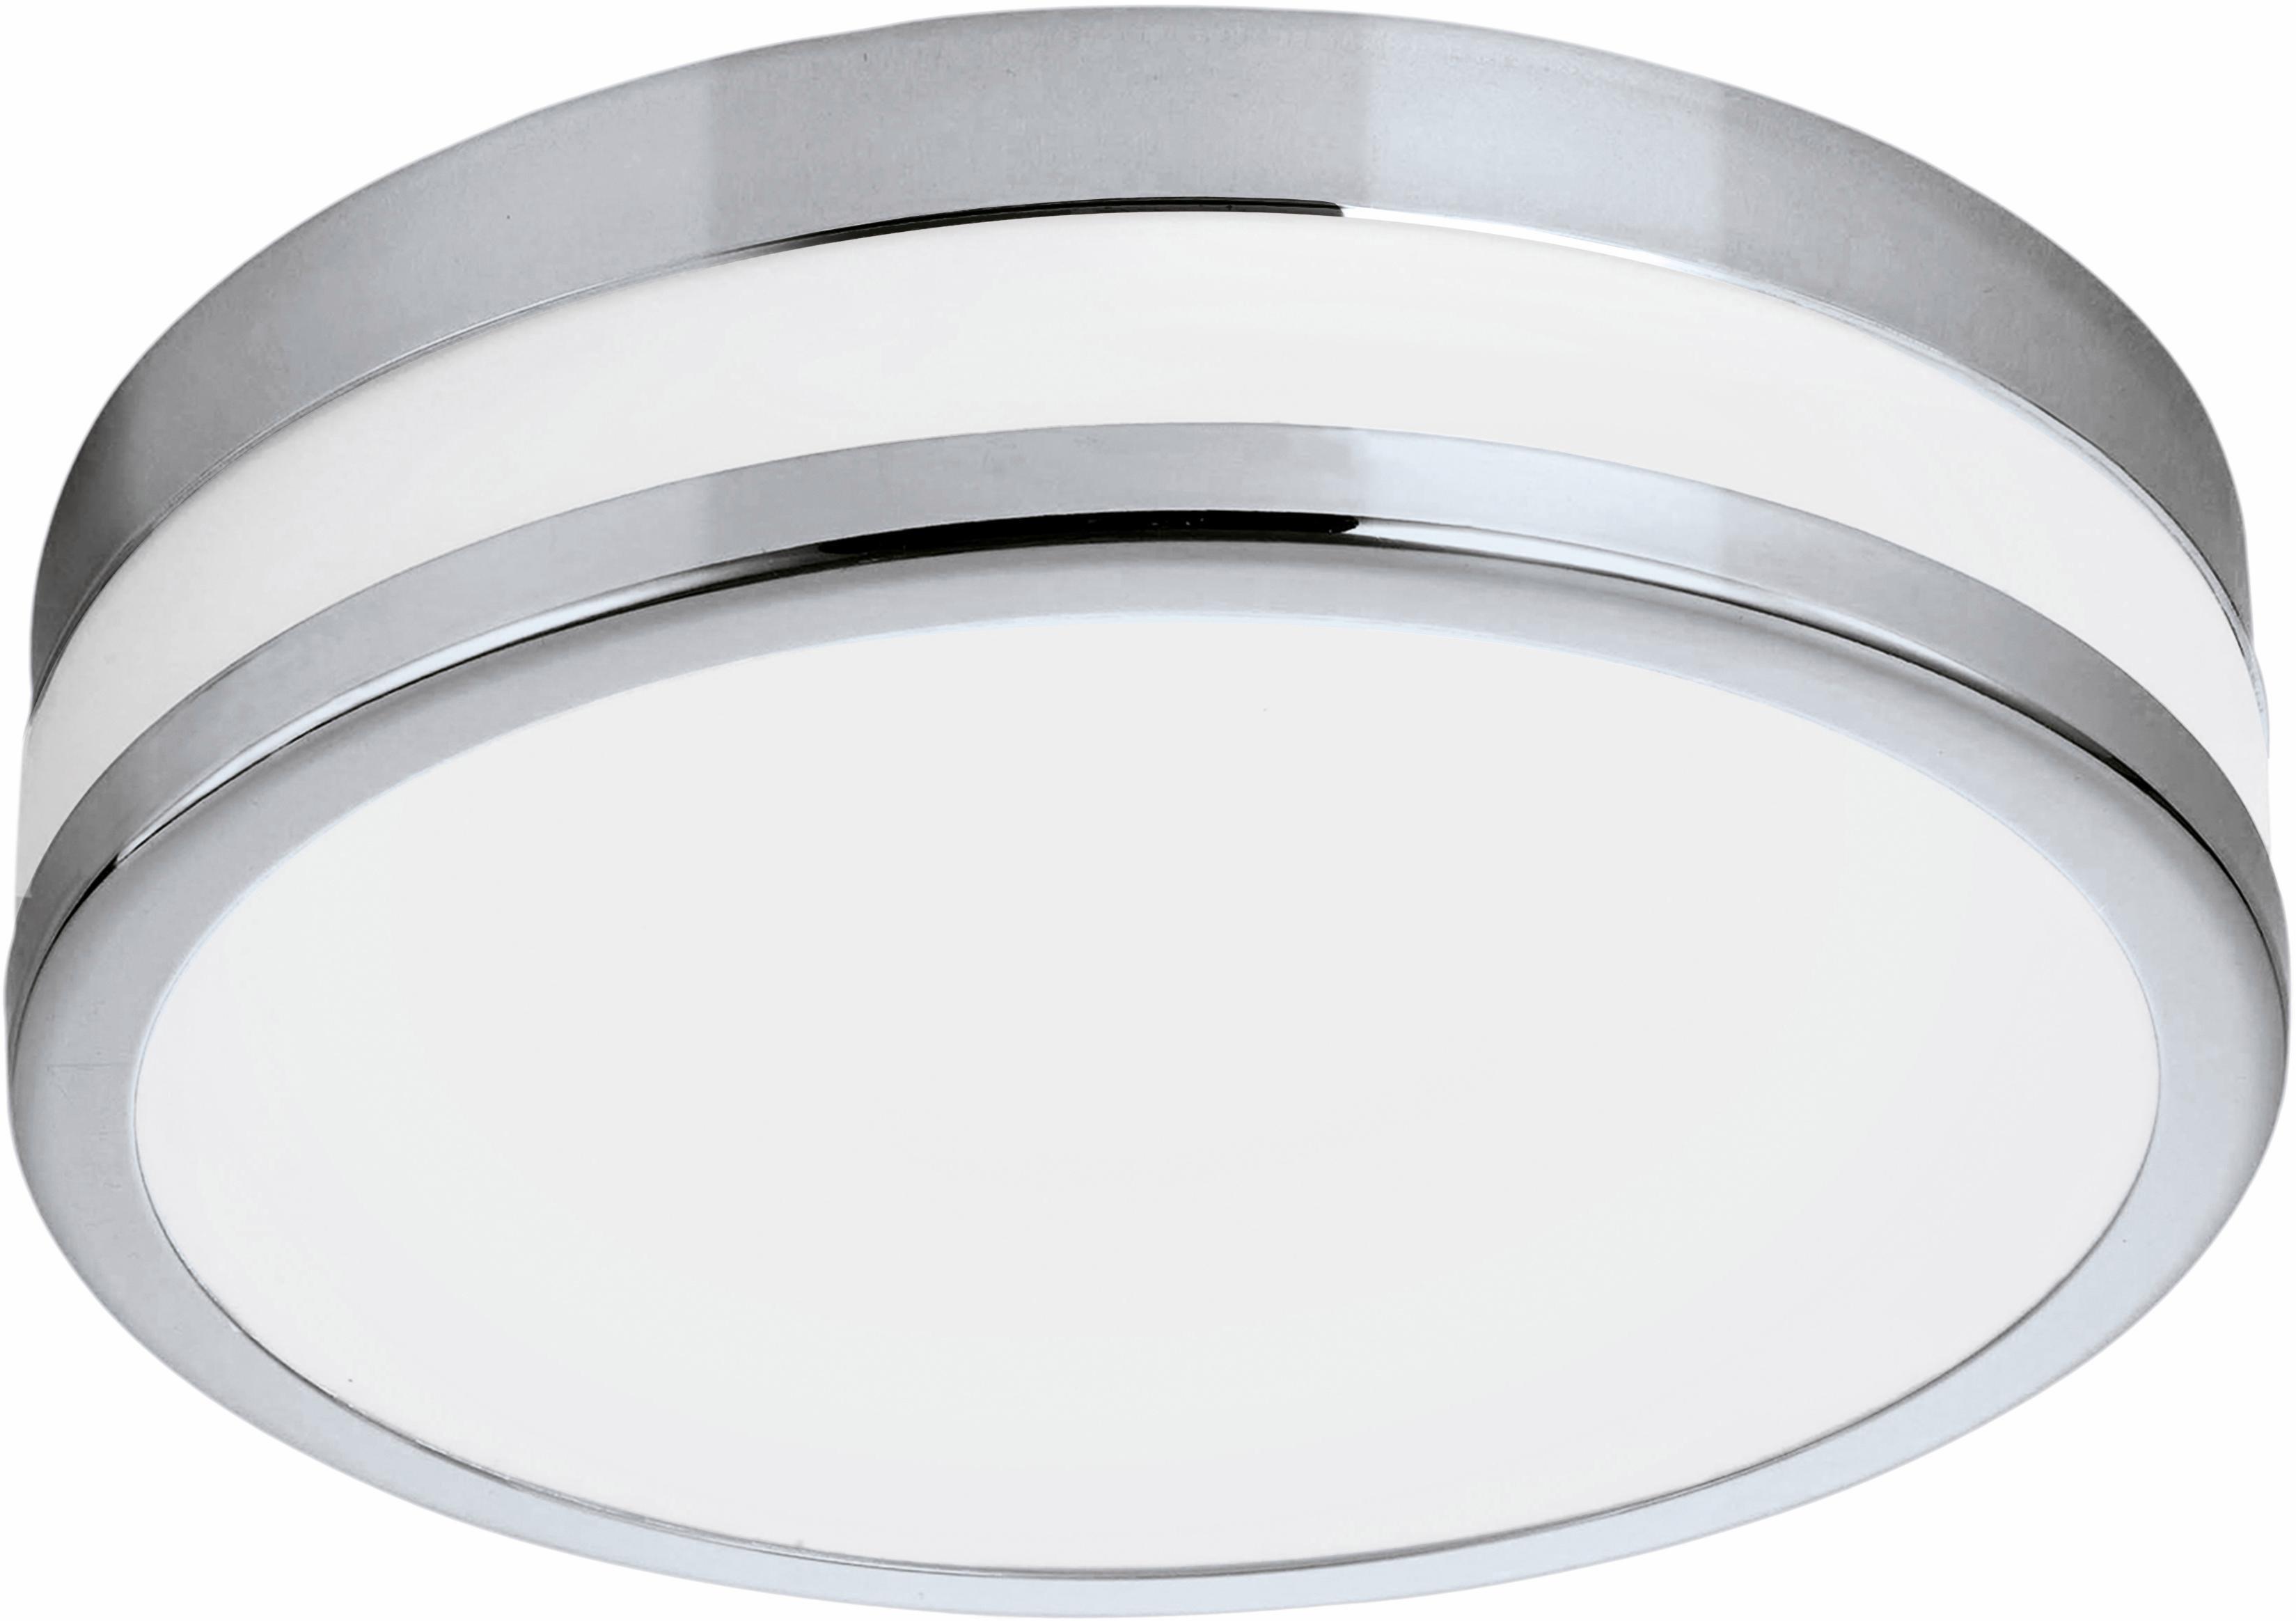 Uitzonderlijk Goedkope plafondlampen online kopen | Bekijk nu onze collectie | OTTO HE19